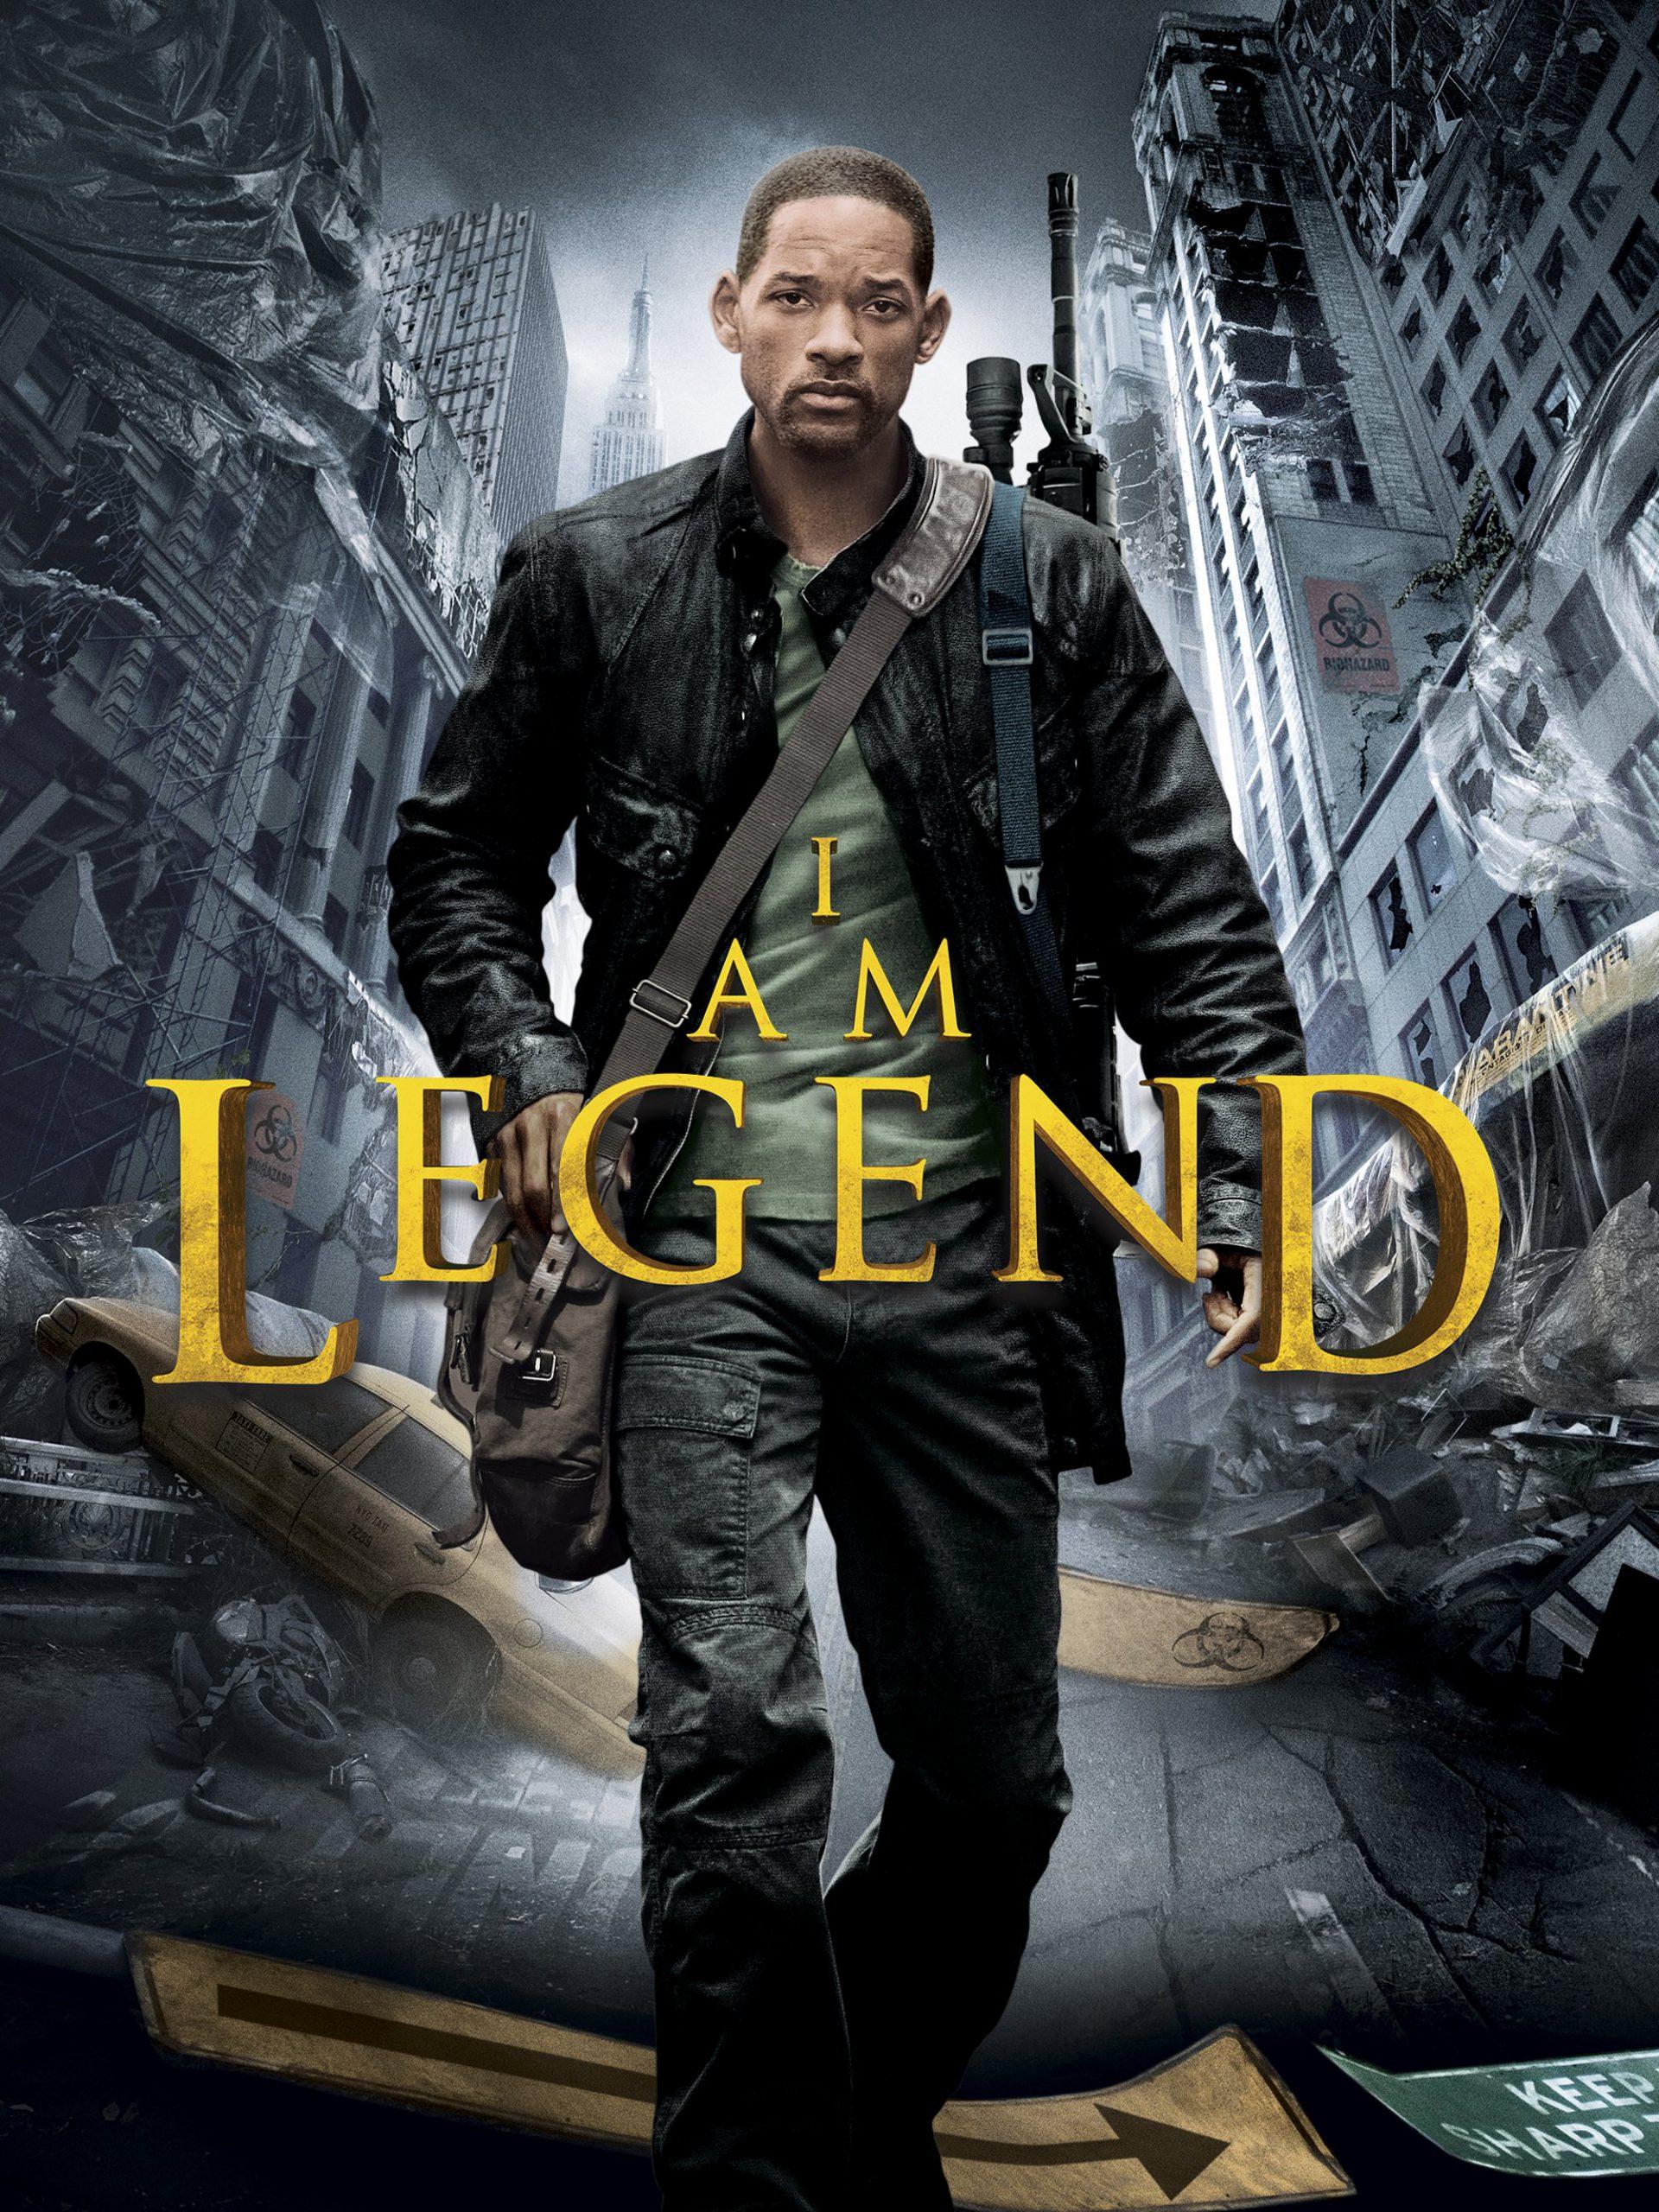 من یک افسانه هستم i am legend